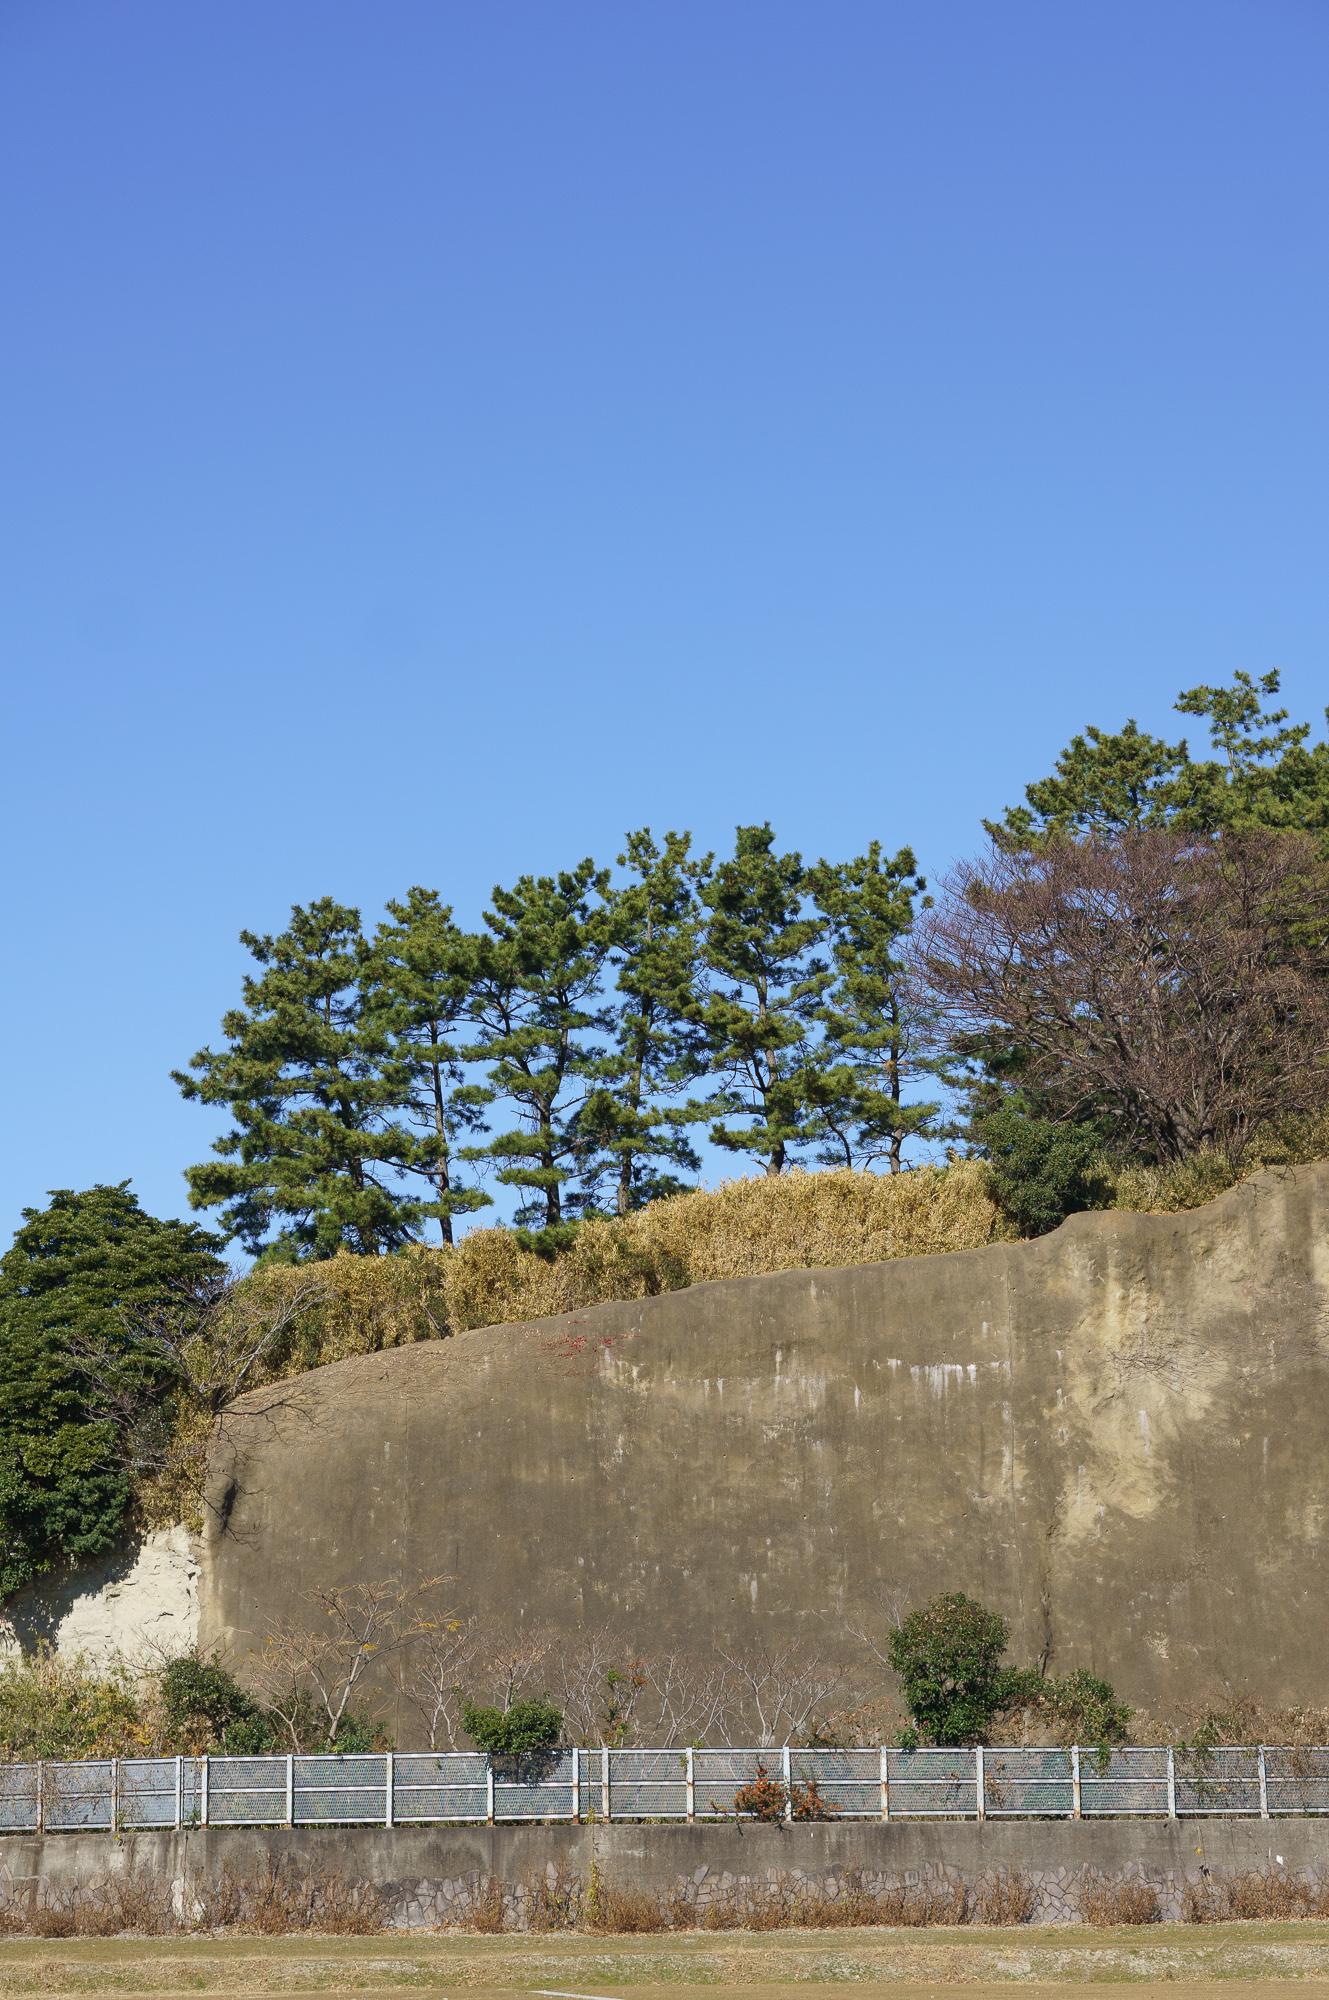 Te arī var redzēt veco krasta klinti.